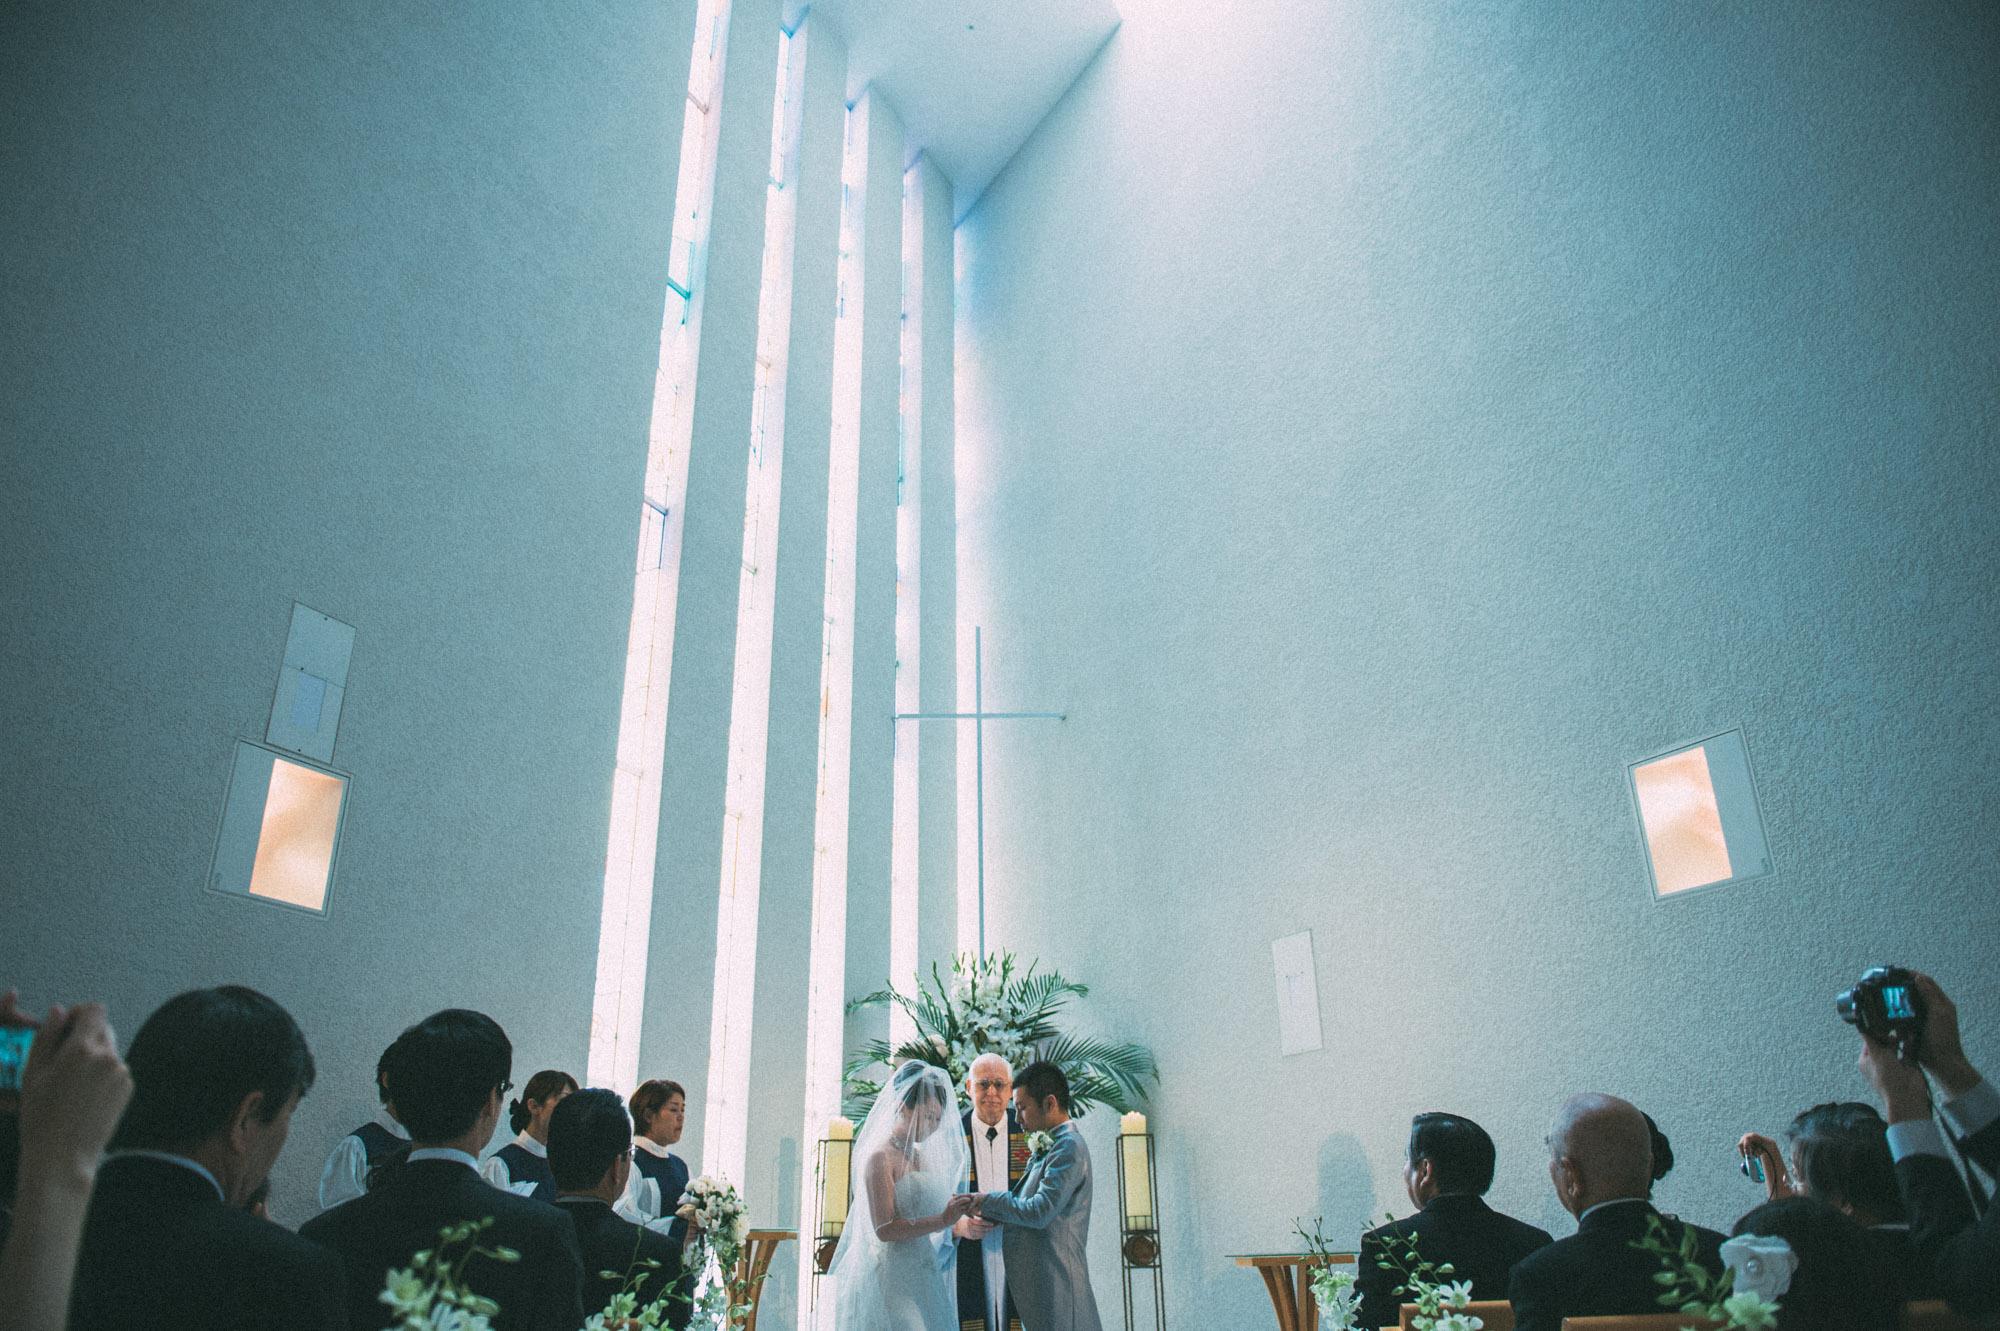 hilton wedding32